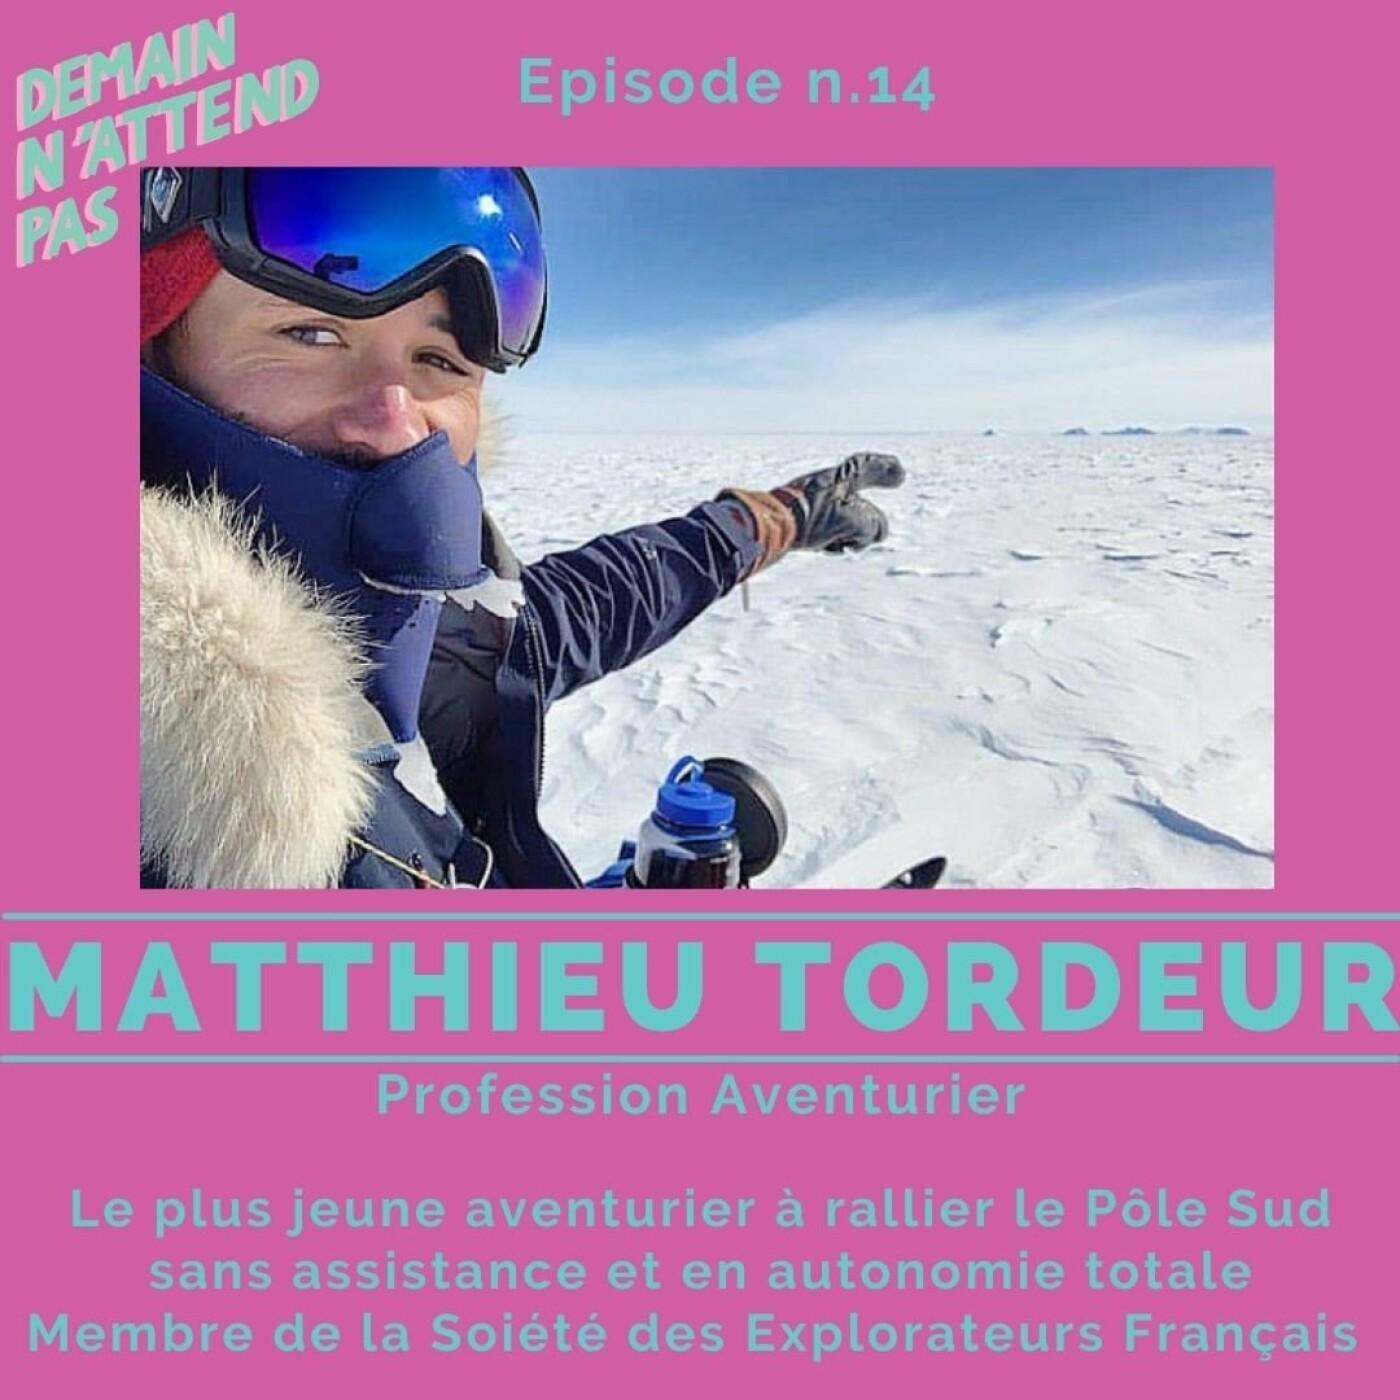 14- Matthieu Tordeur, profession Aventurier, direction Pôle Sud